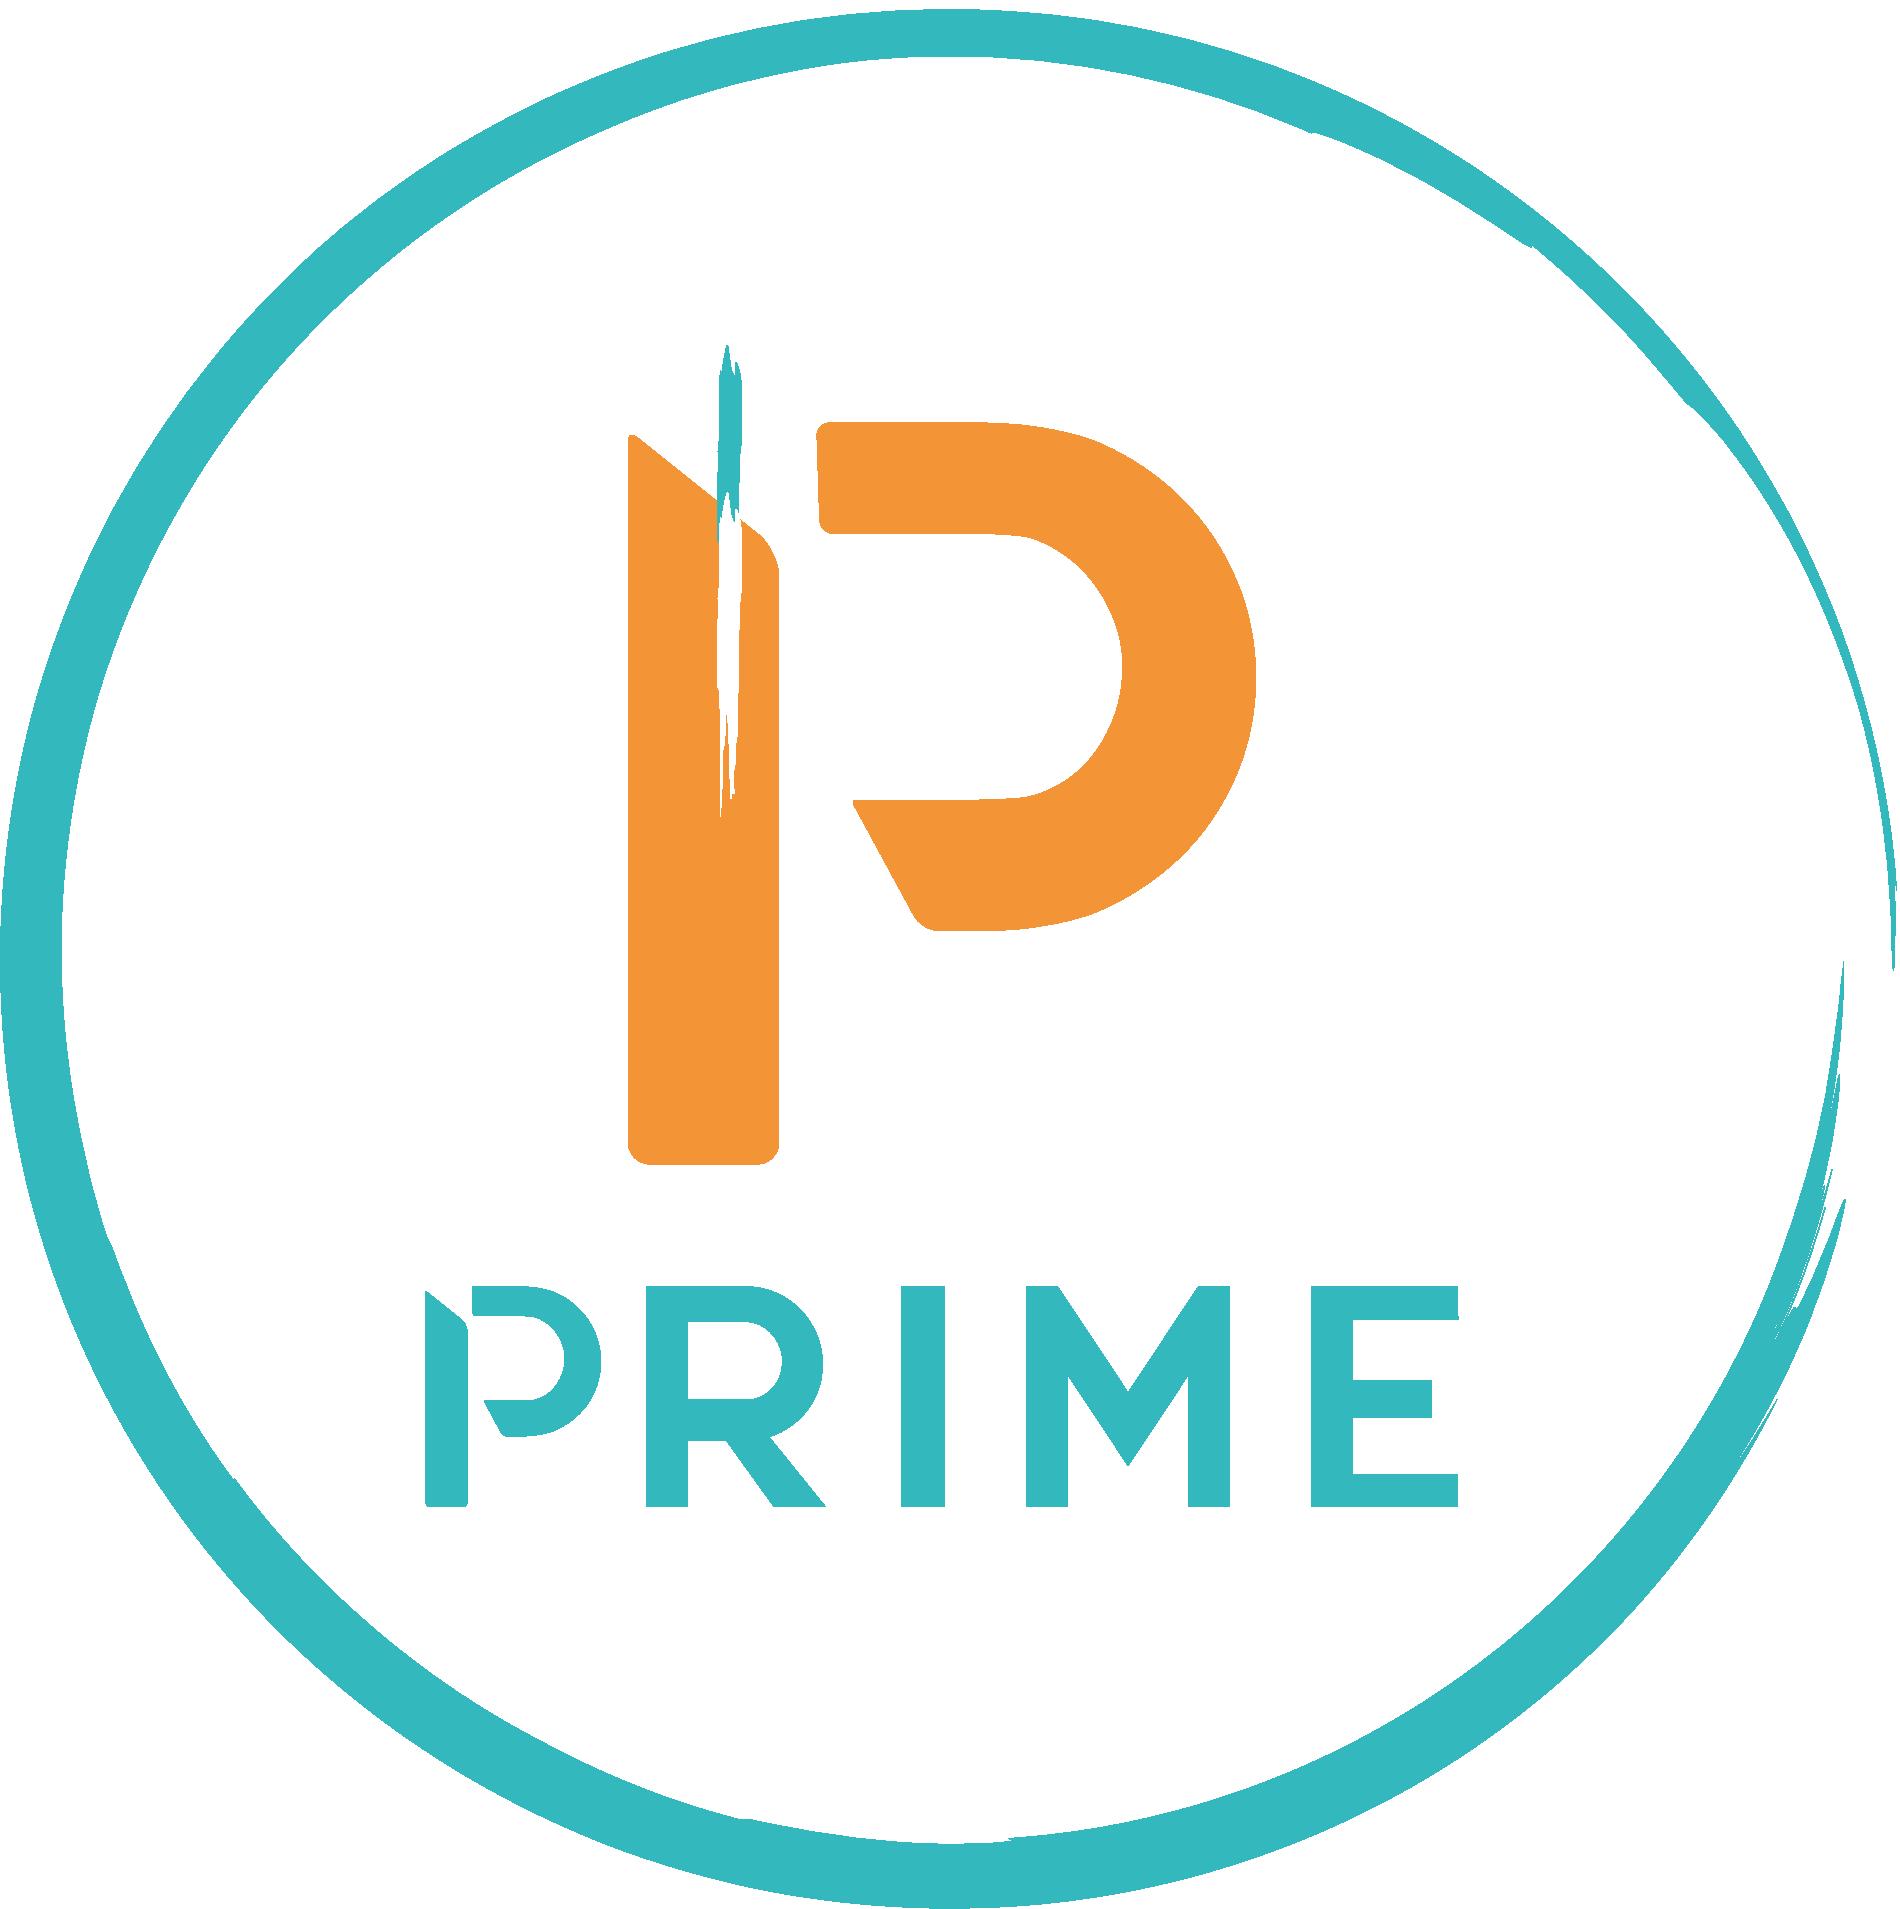 PRIME est un cabinet de conseil spécialisé en immobilier d'entreprise. Nous accompagnons les sociétés dans leur projet d'installation, de réimplantation et de développement immobilier